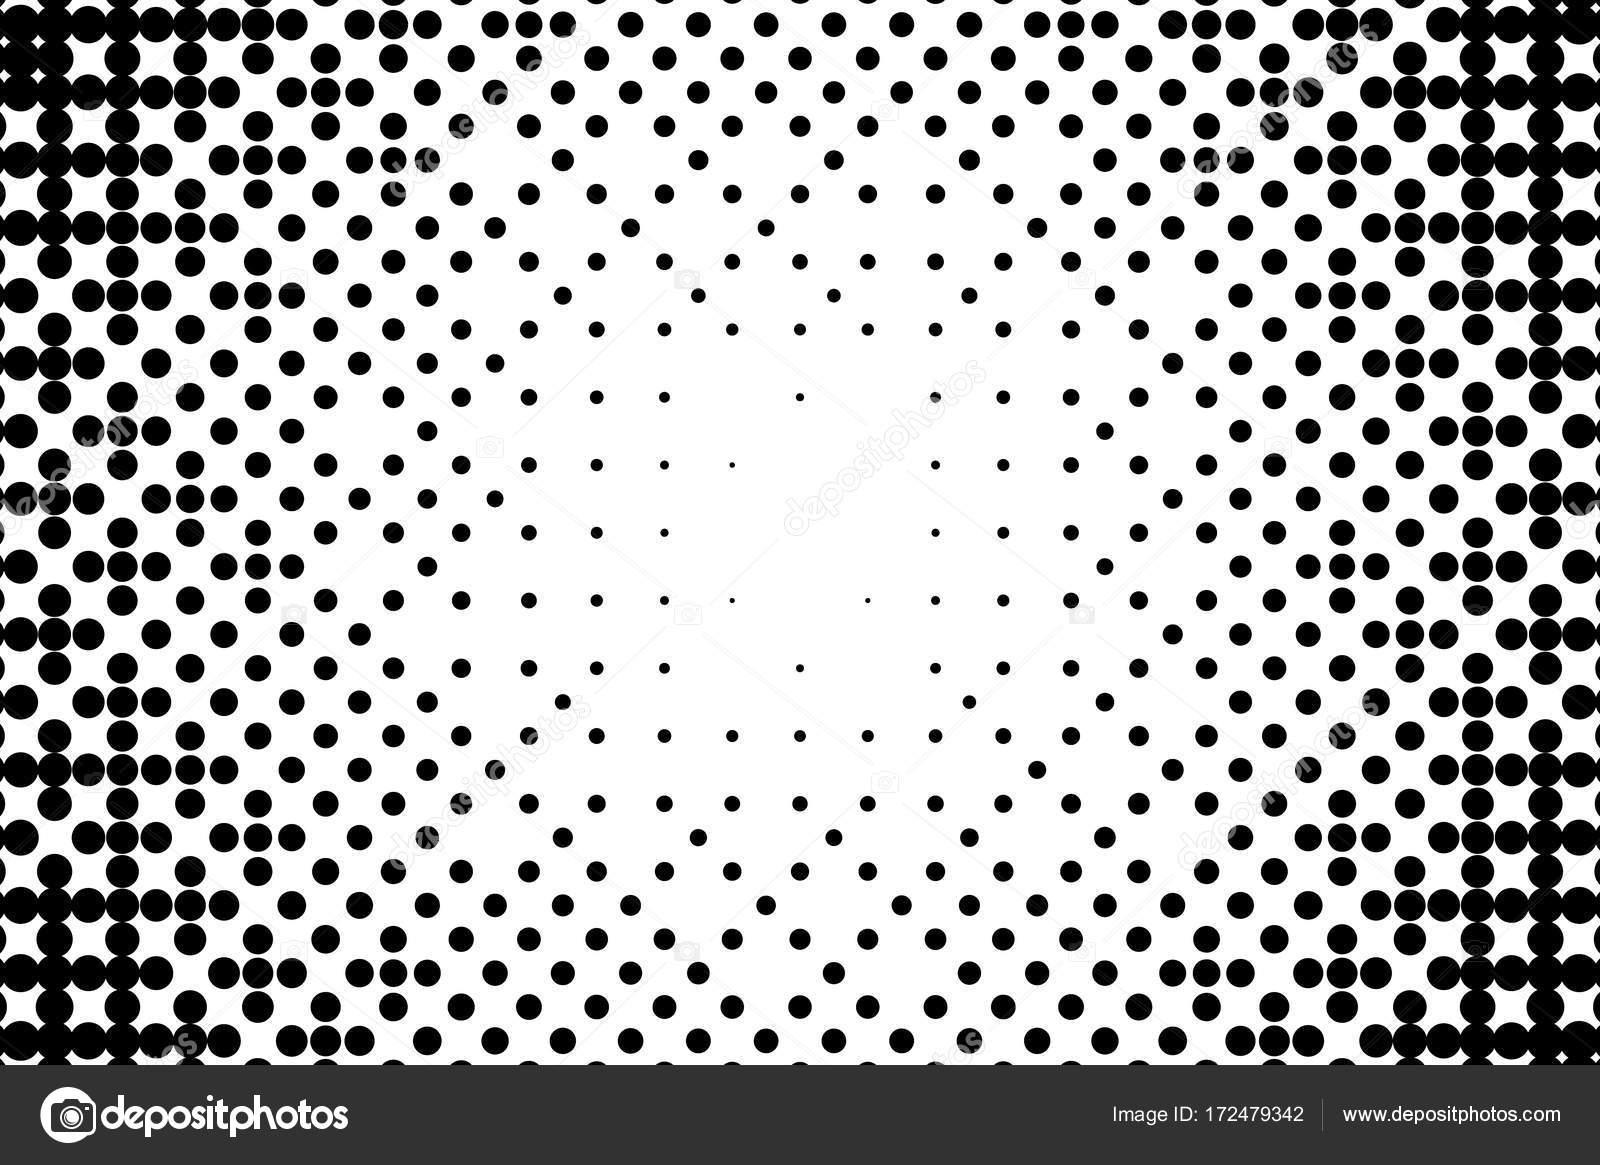 Abstrakte monochrome Halbton Muster. Gepunktete Kulisse mit Kreisen ...